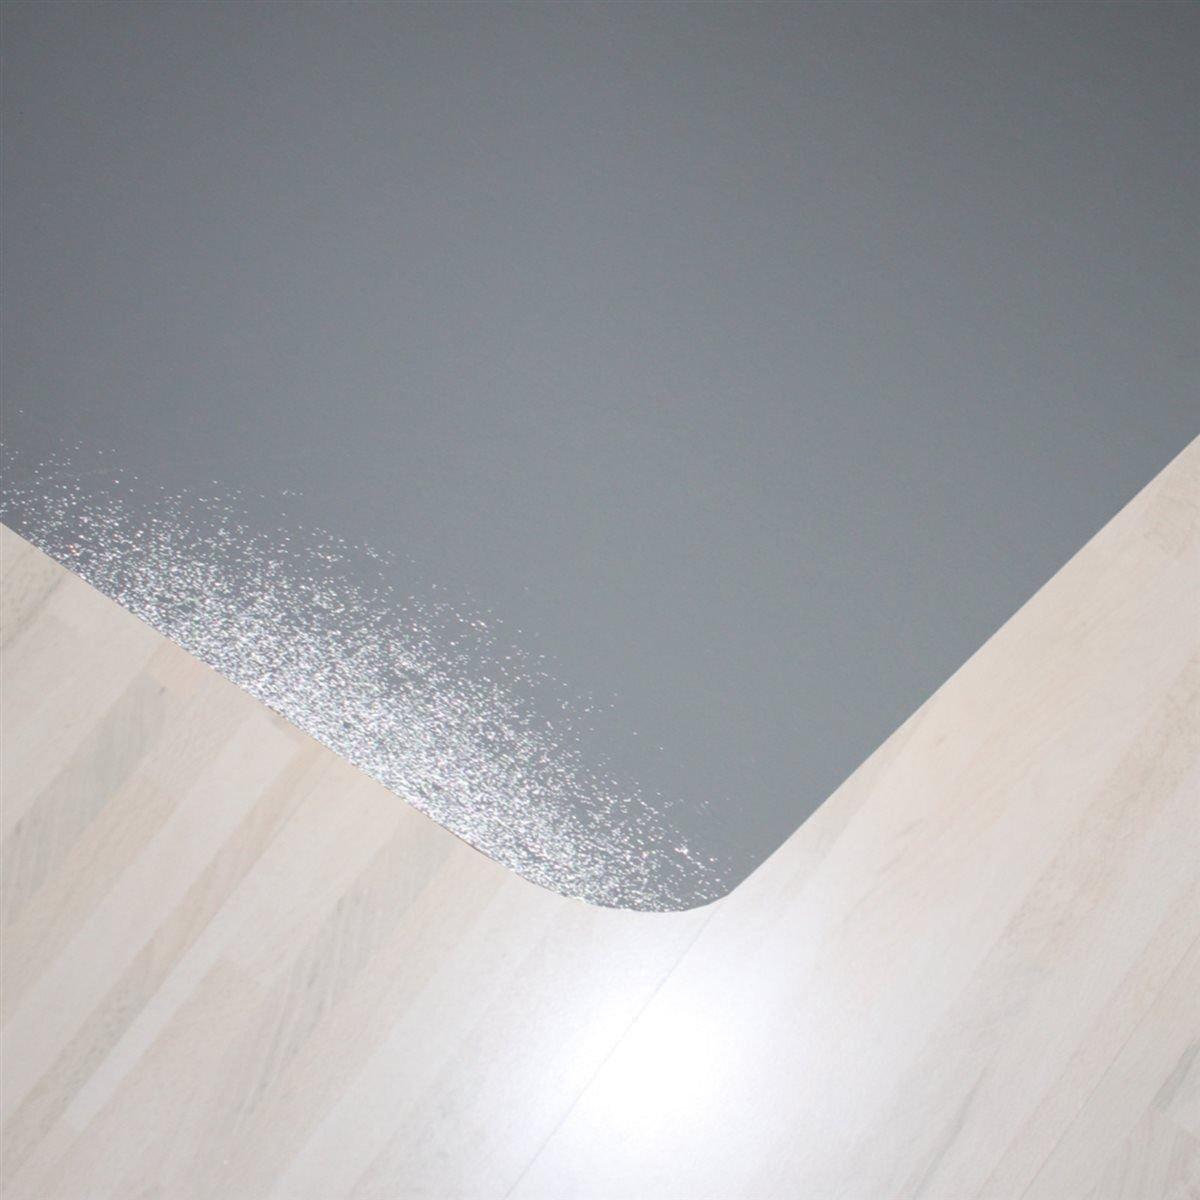 Teppichboden grau büro  Bodenschutzmatte/Teppichboden in versch. Farben und Größen ...